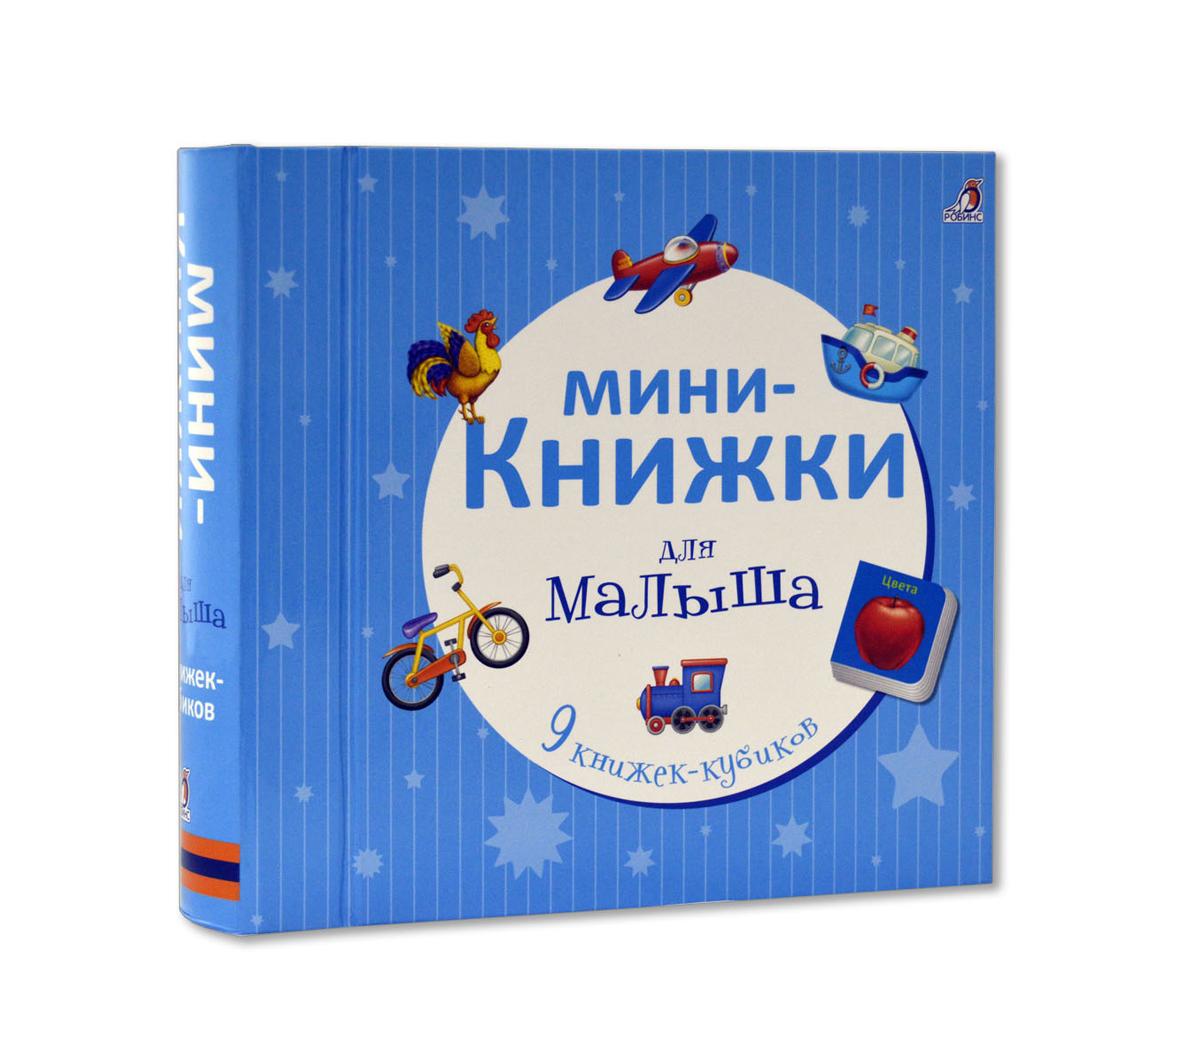 Мини-книжки для малыша (комплект из 9 книжек-кубиков)